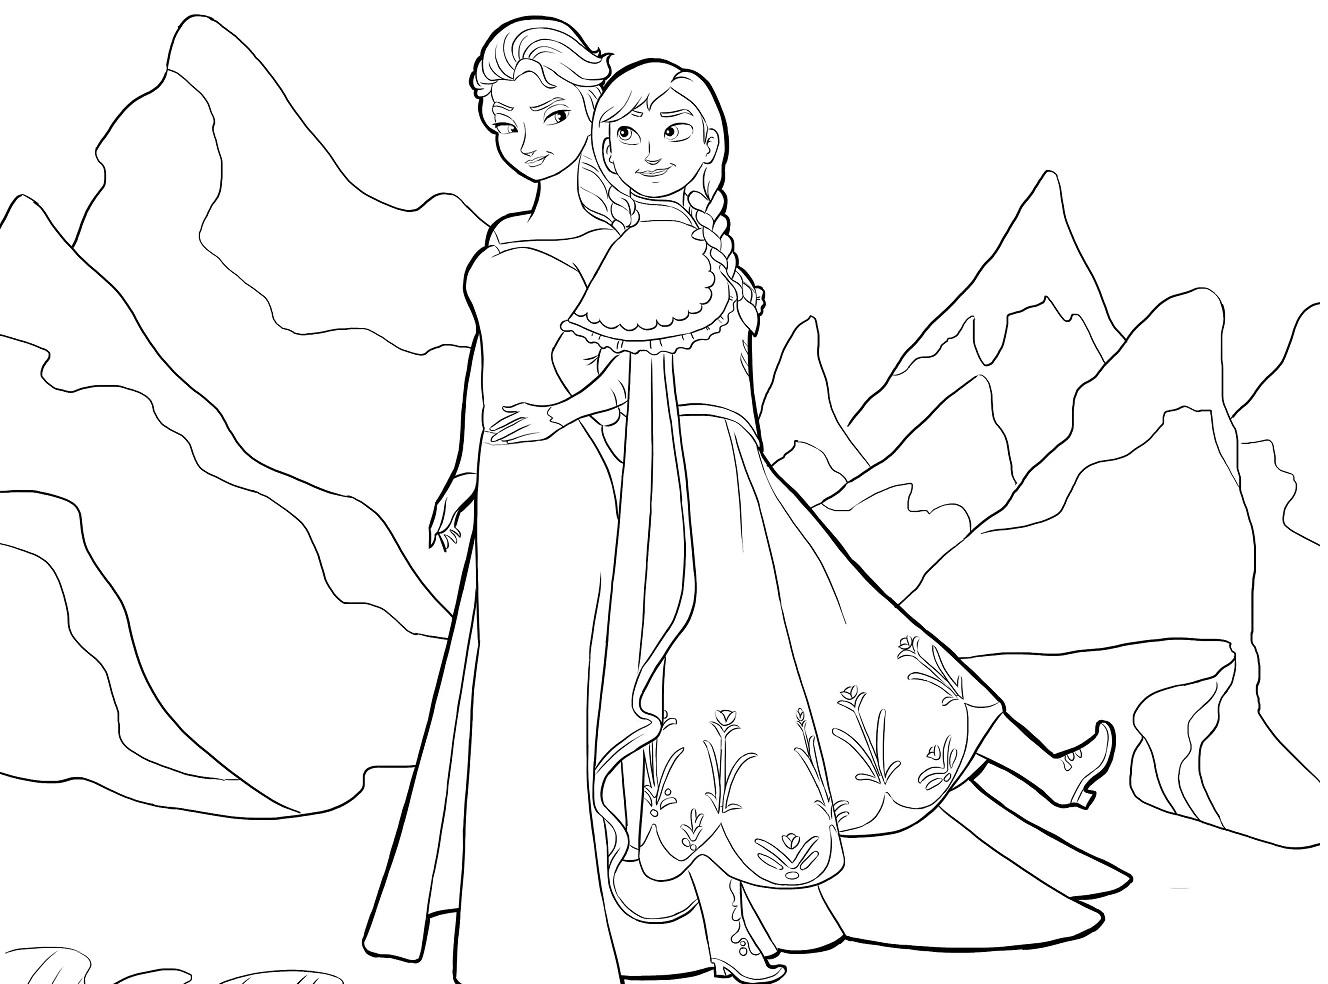 Dibujos De Elsa Y Anna Para Pintar Archivos Princesas Disney